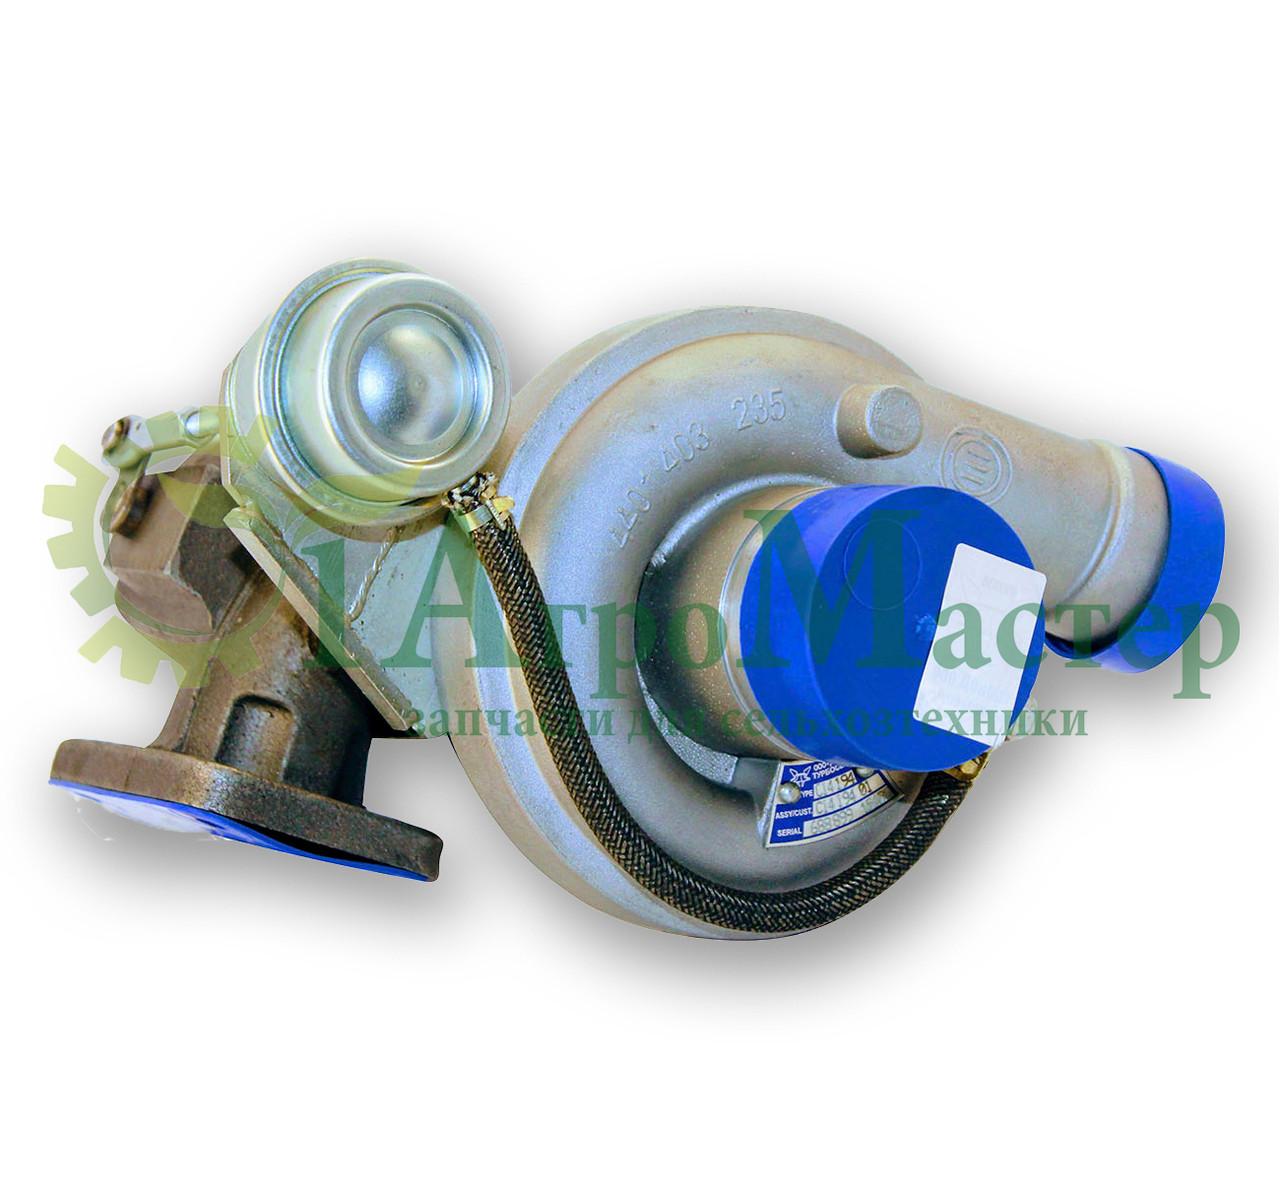 Турбокомпрессор ТКР-С14-194-01 (ПАЗ-3205-70) Д-245.7-9